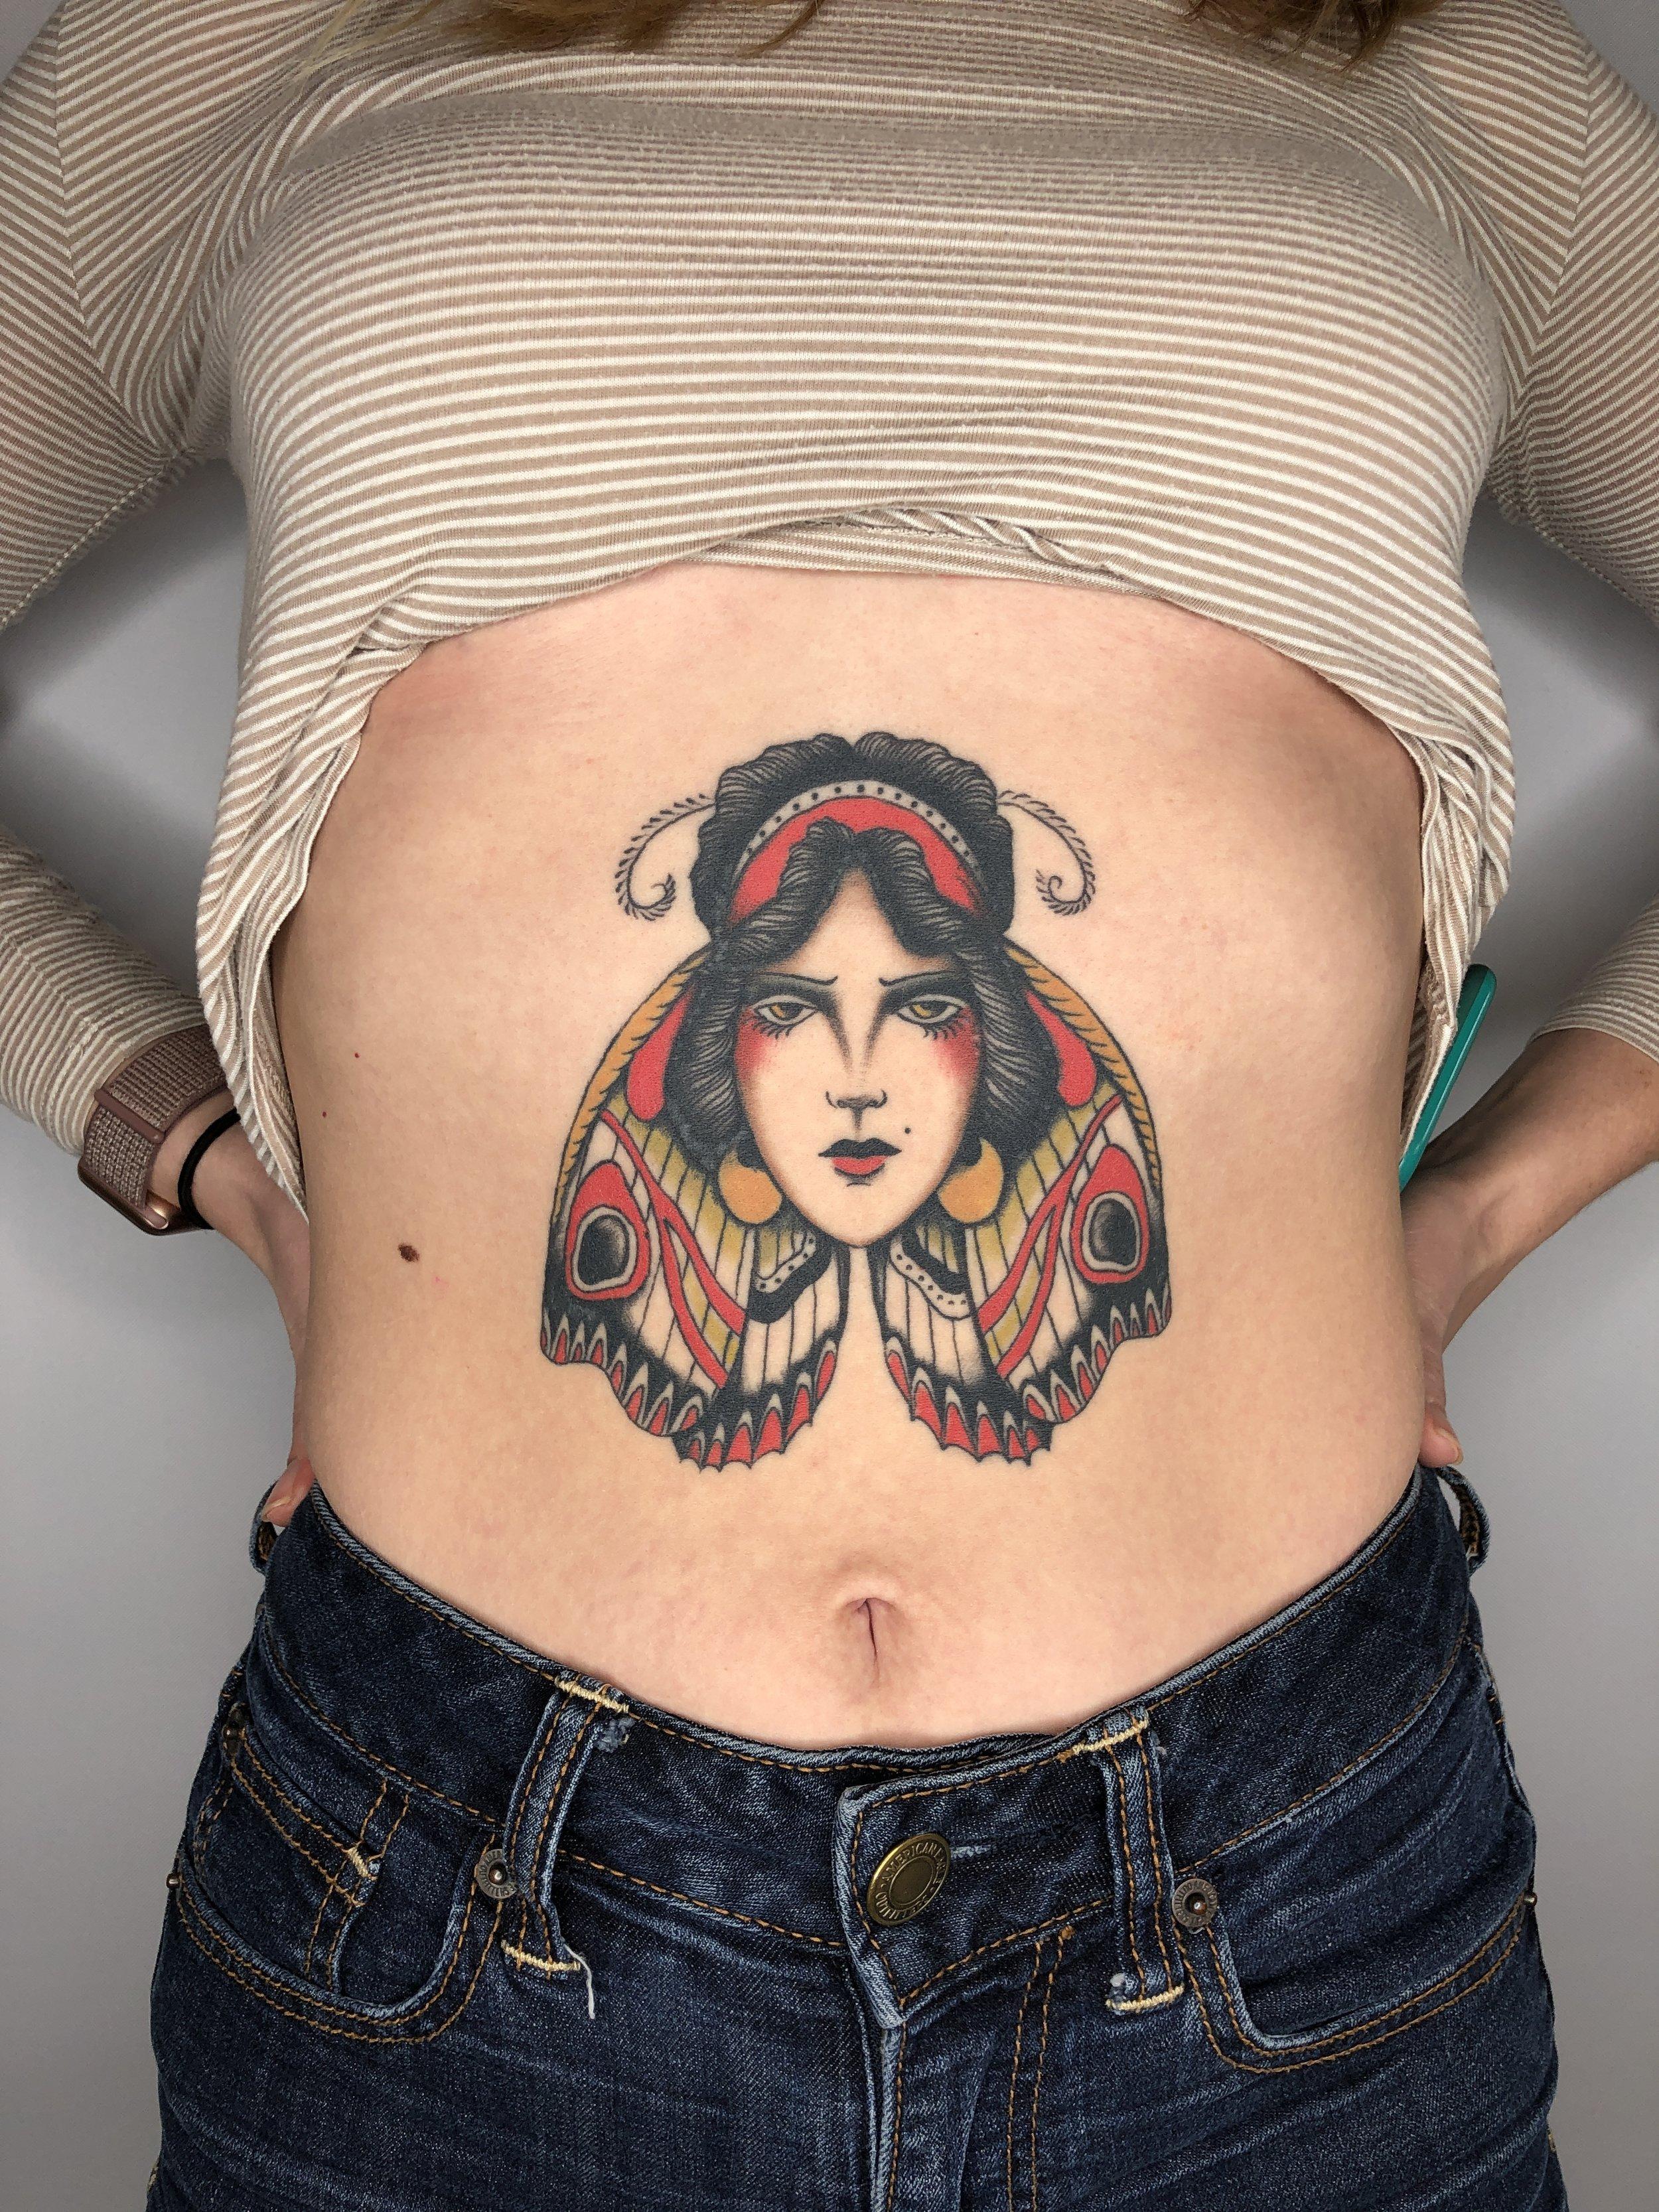 jon garber chest tattoo woman butterfly.JPG